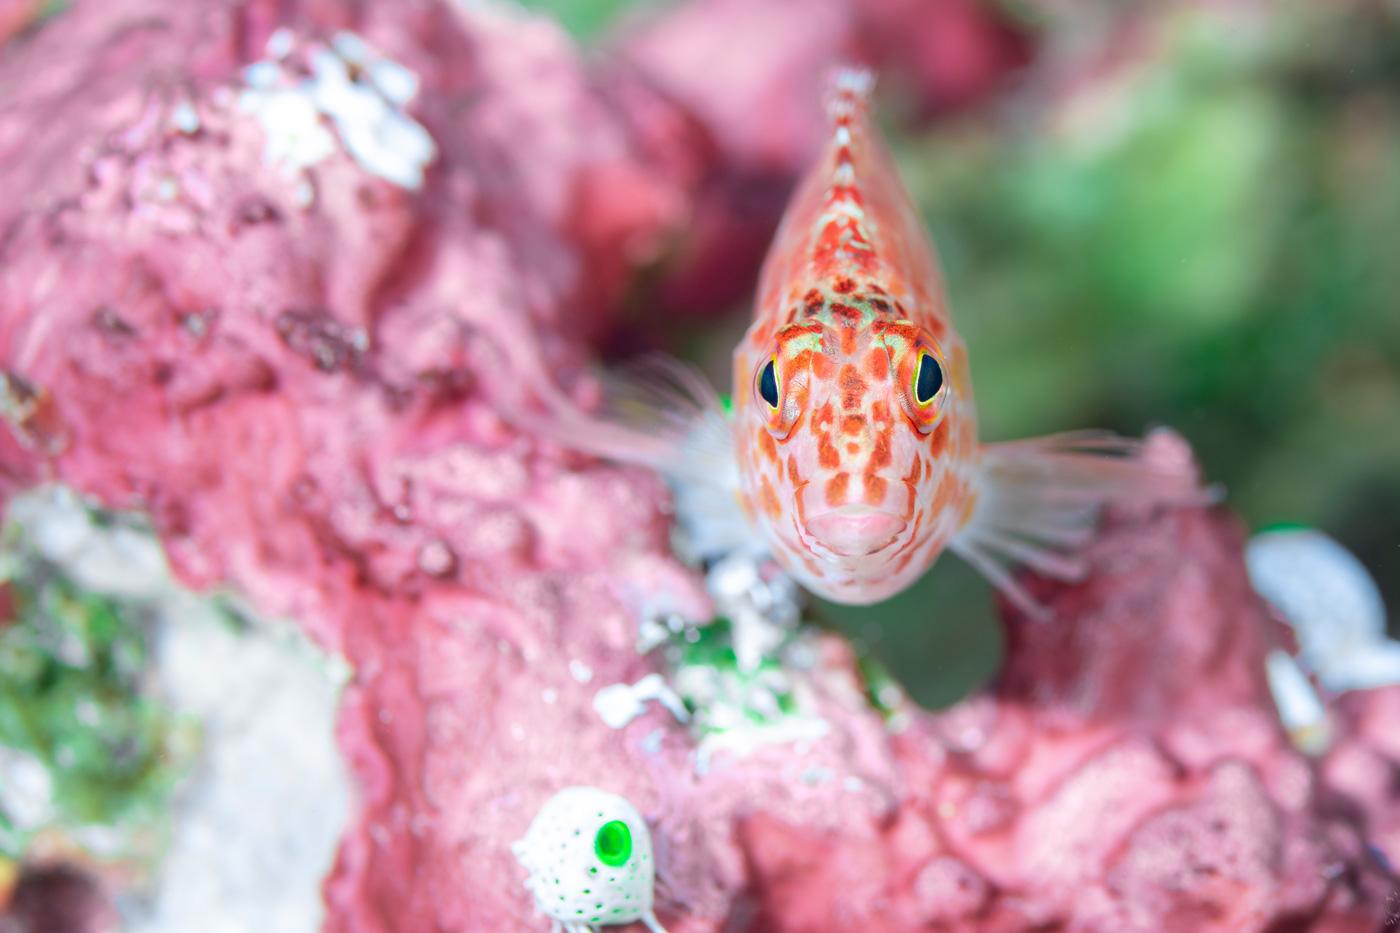 Nahaufnahmen eines Fischs am Korallenriff